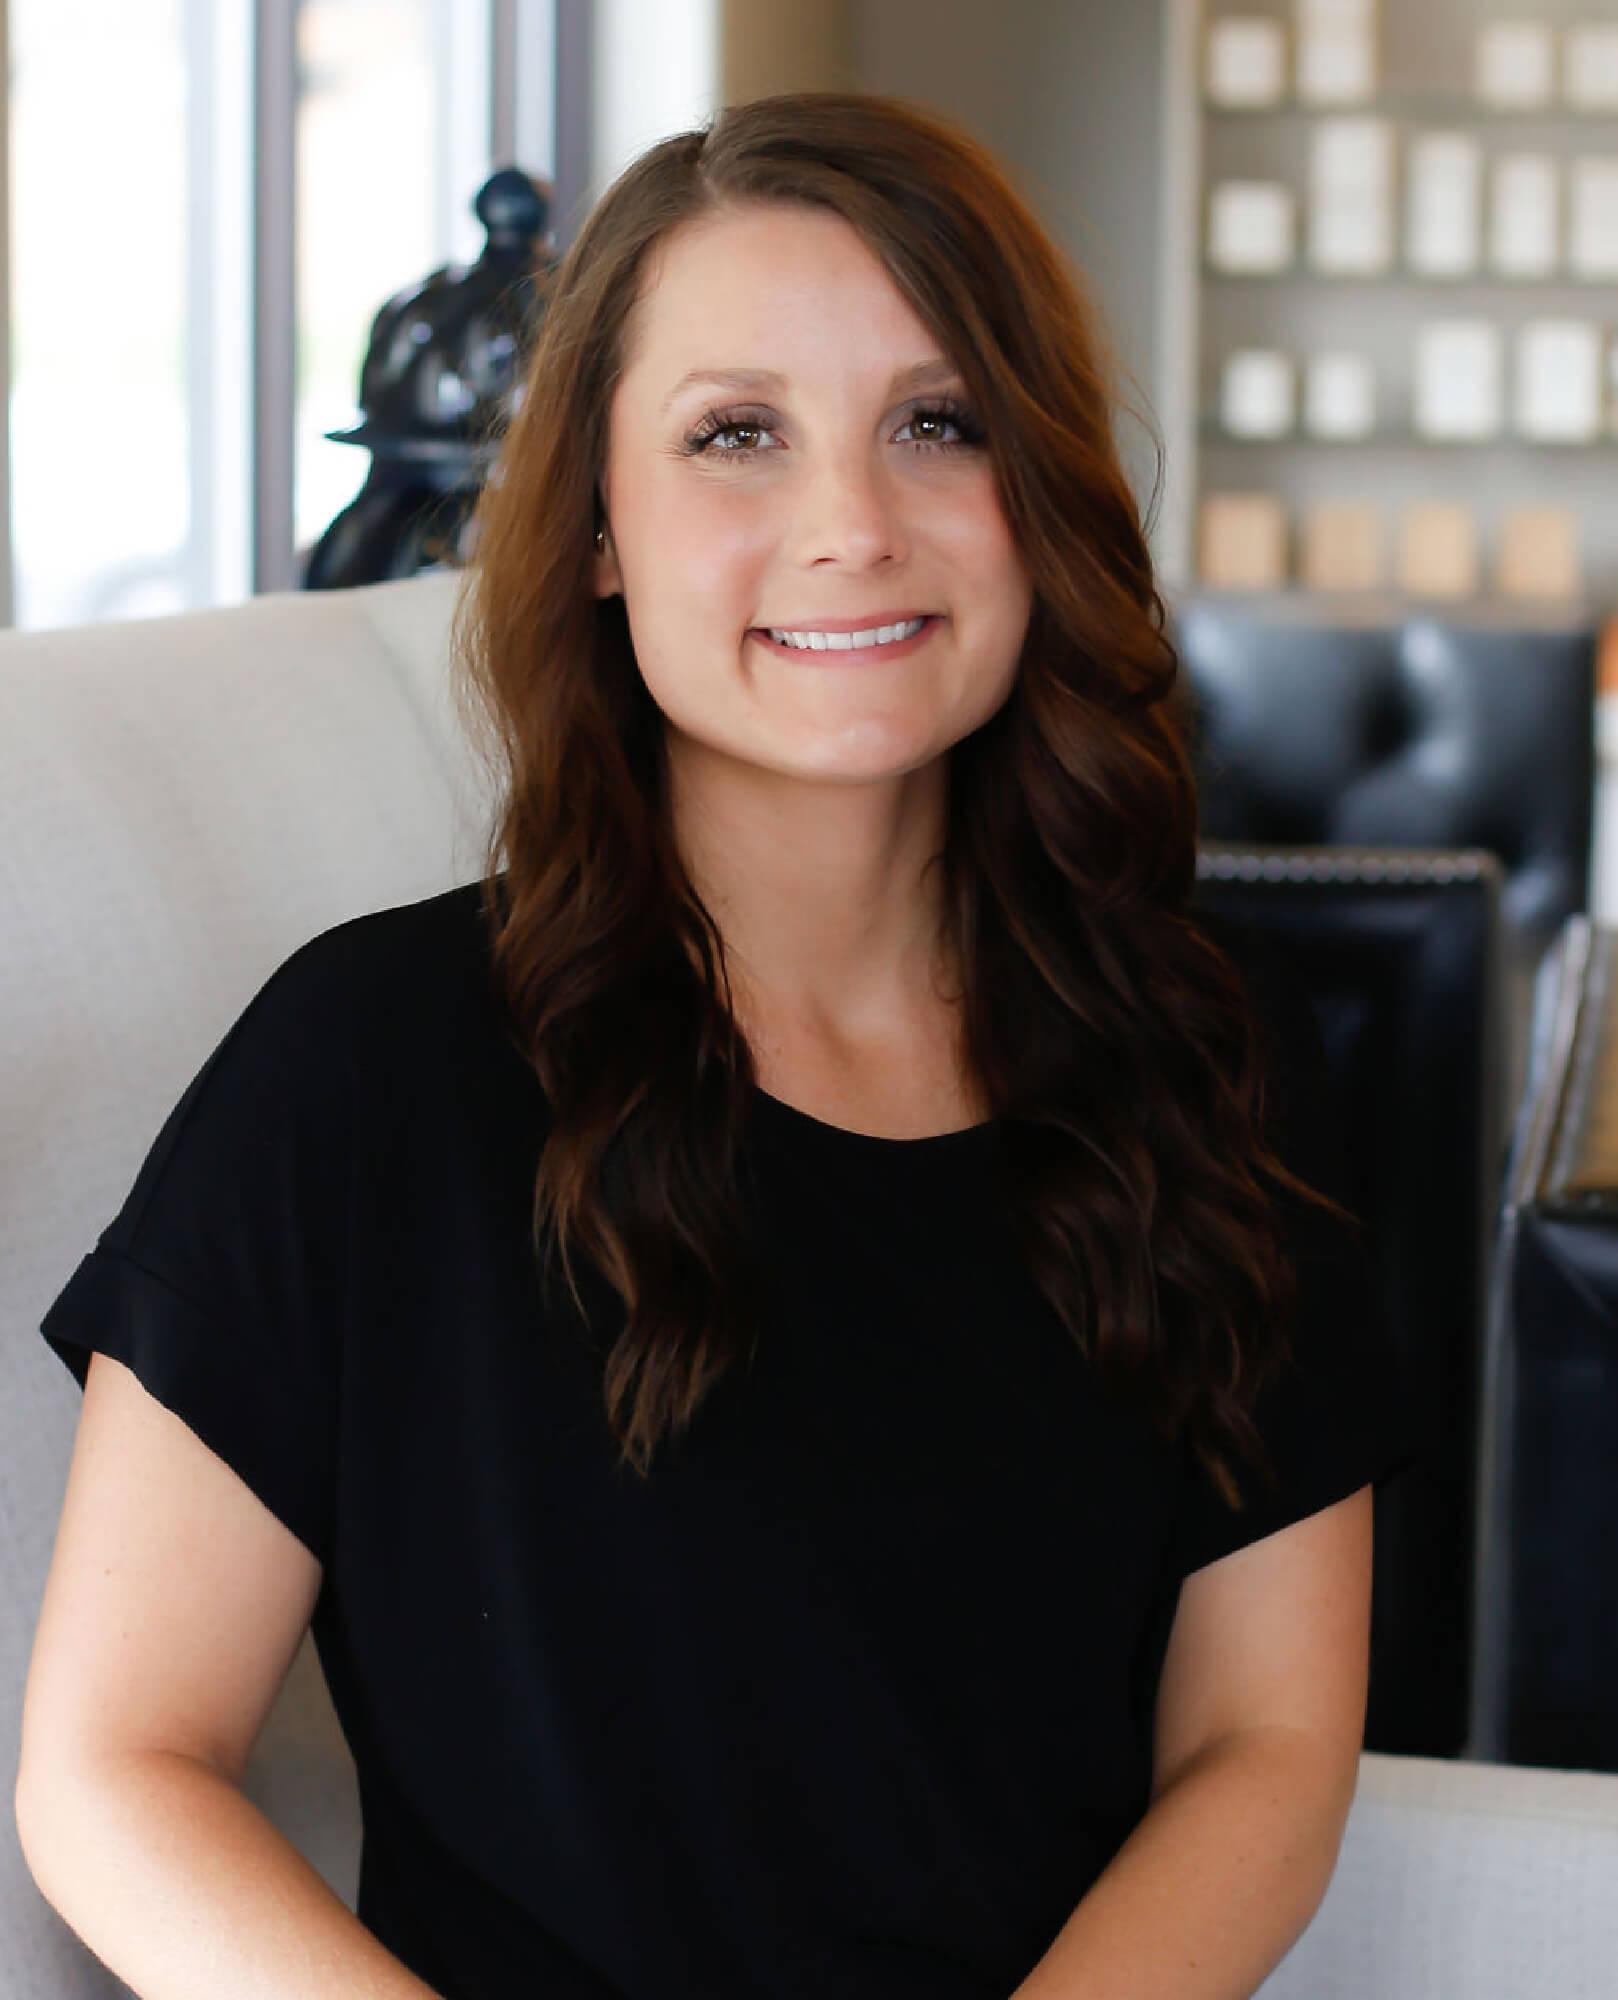 Amanda Hodges Emerge staff photo